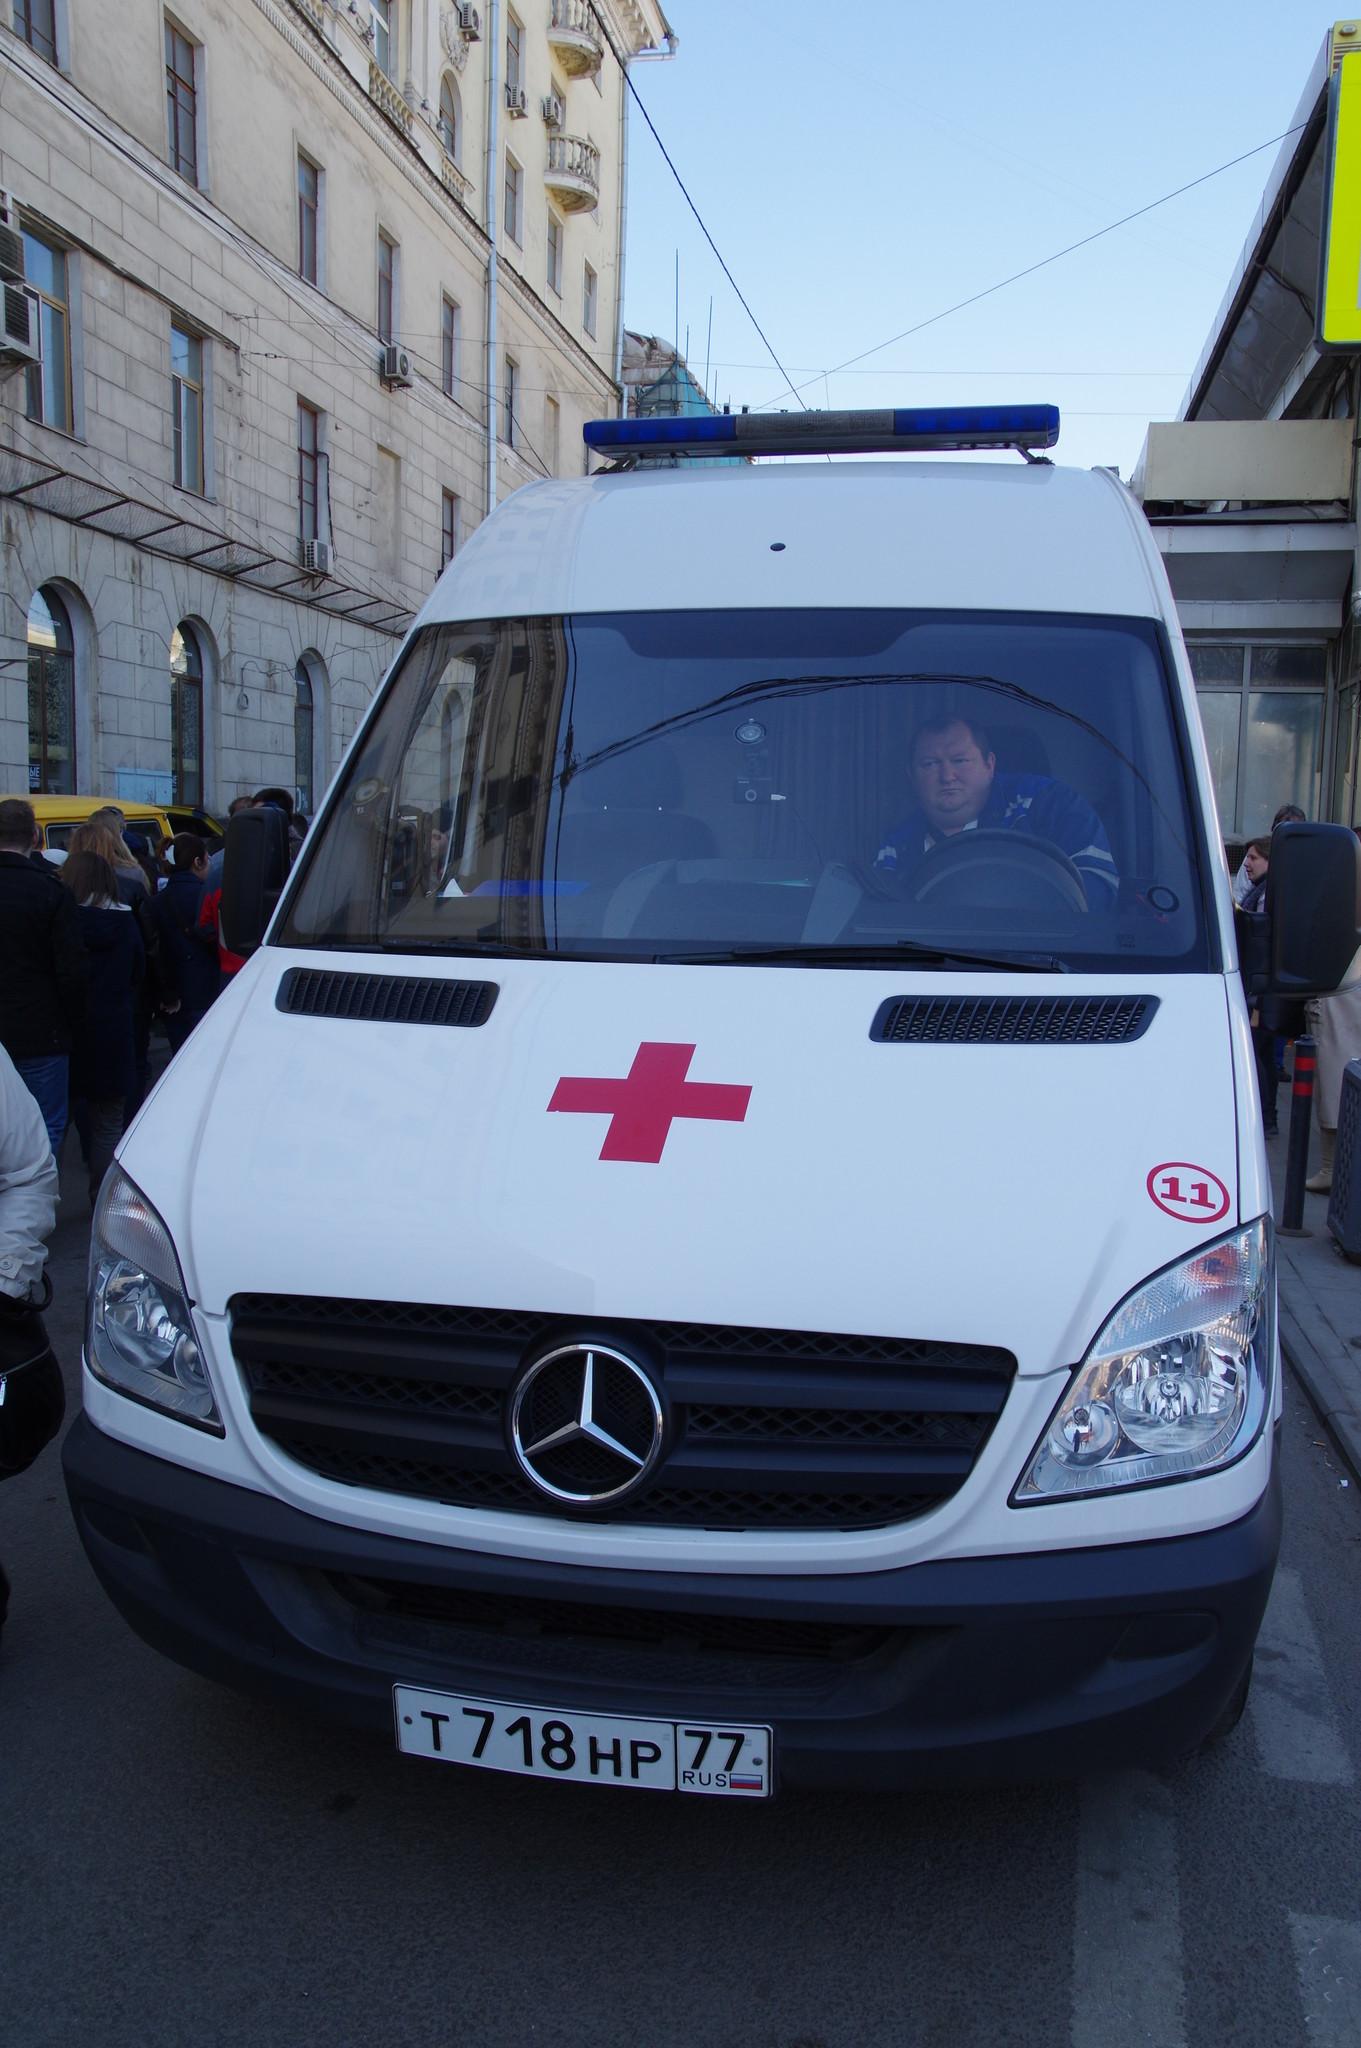 Автомобиль скорой медицинской помощи на Чистопрудном бульваре